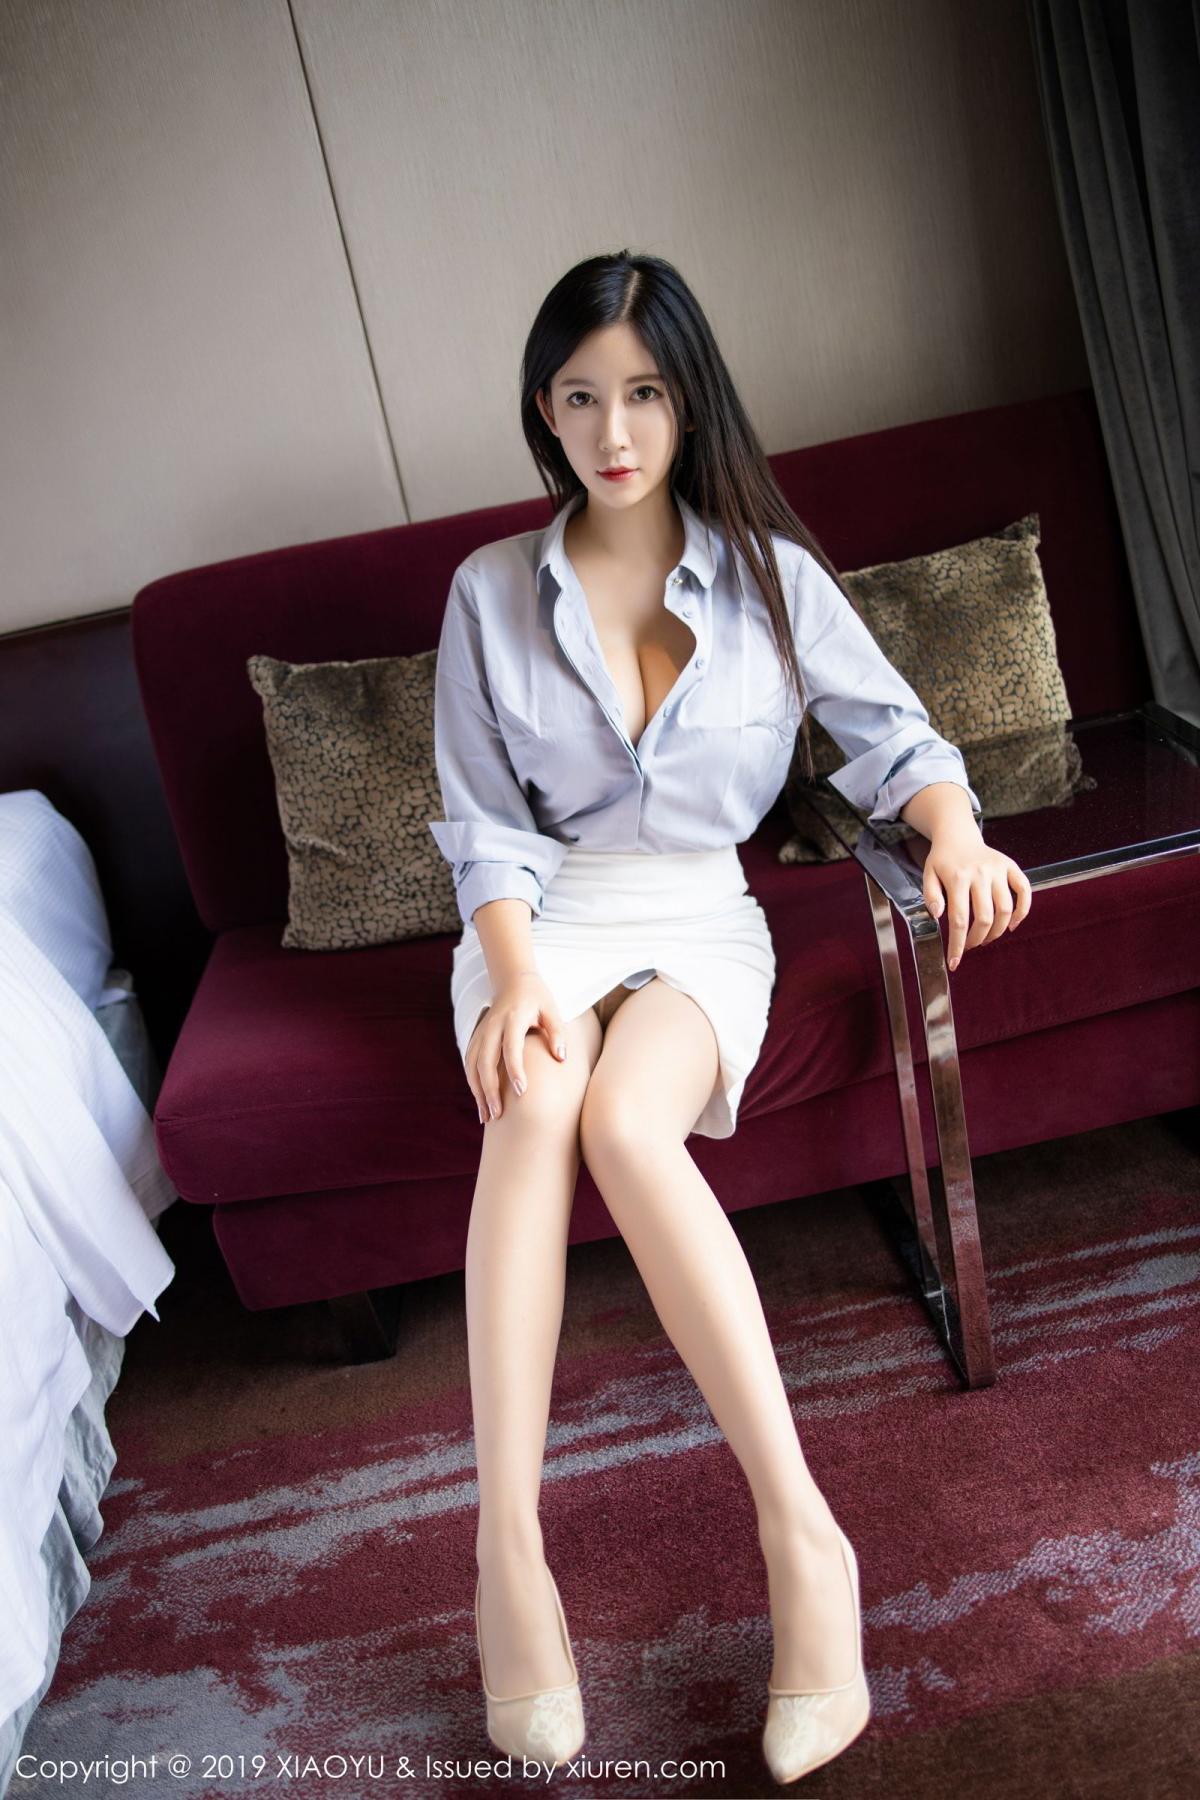 [XiaoYu] Vol.180 Li Ya 3P, Li Ya, Underwear, XiaoYu